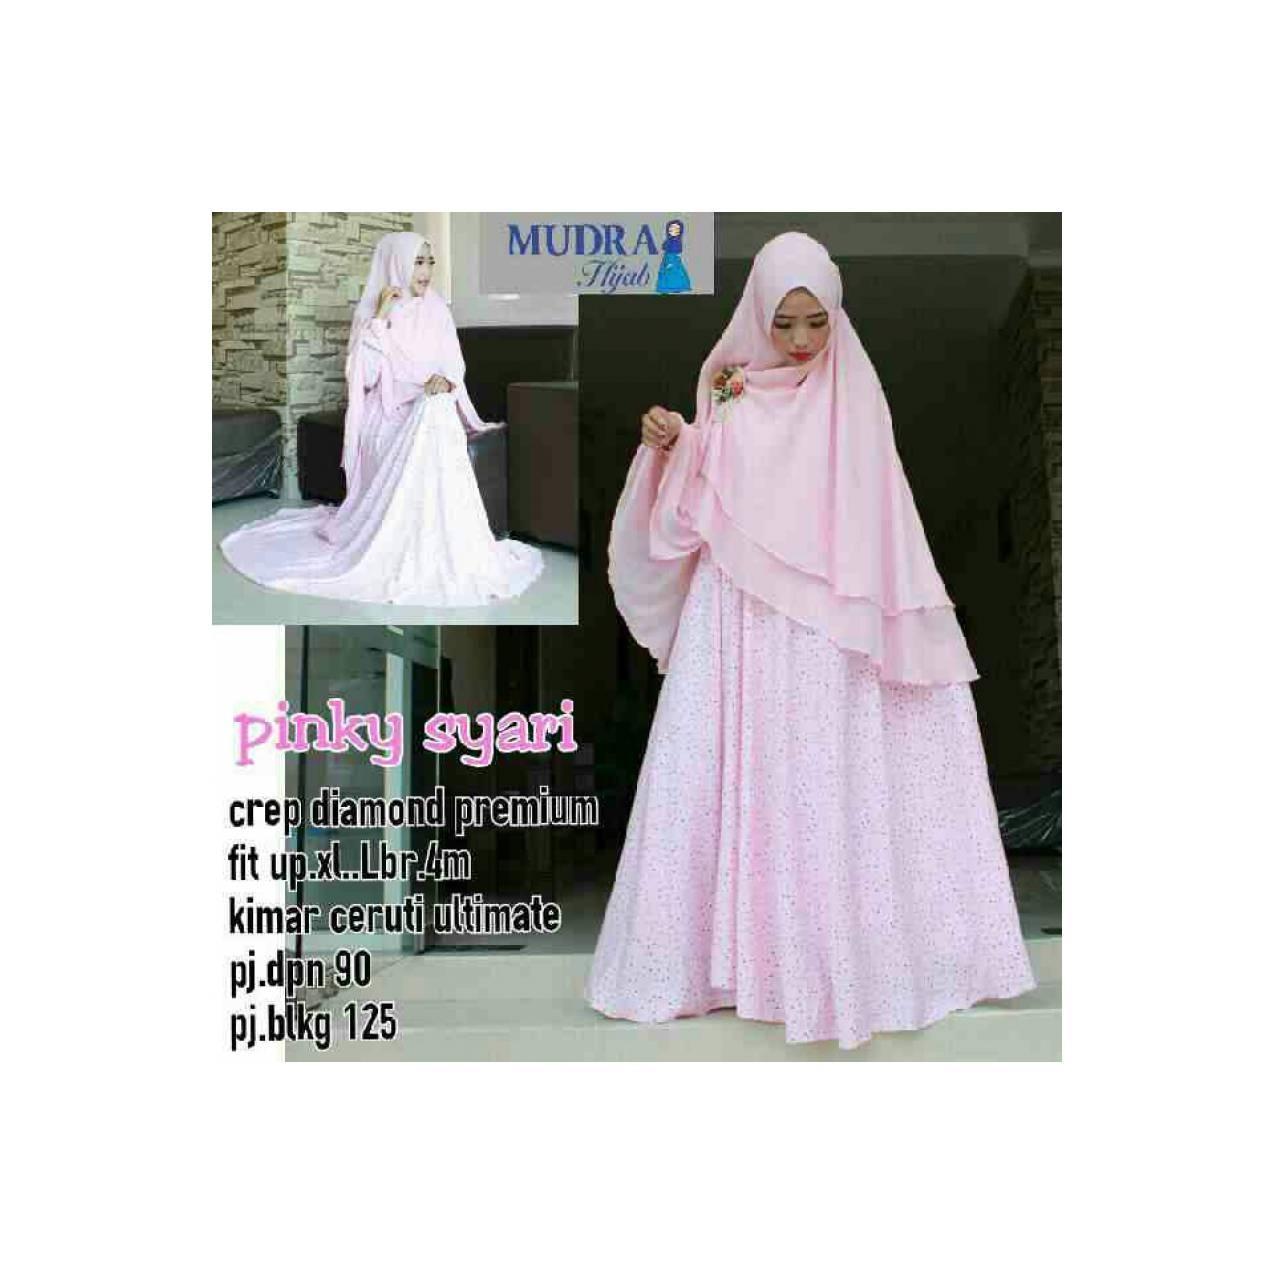 pinky syari ori mudra / set gamis pink